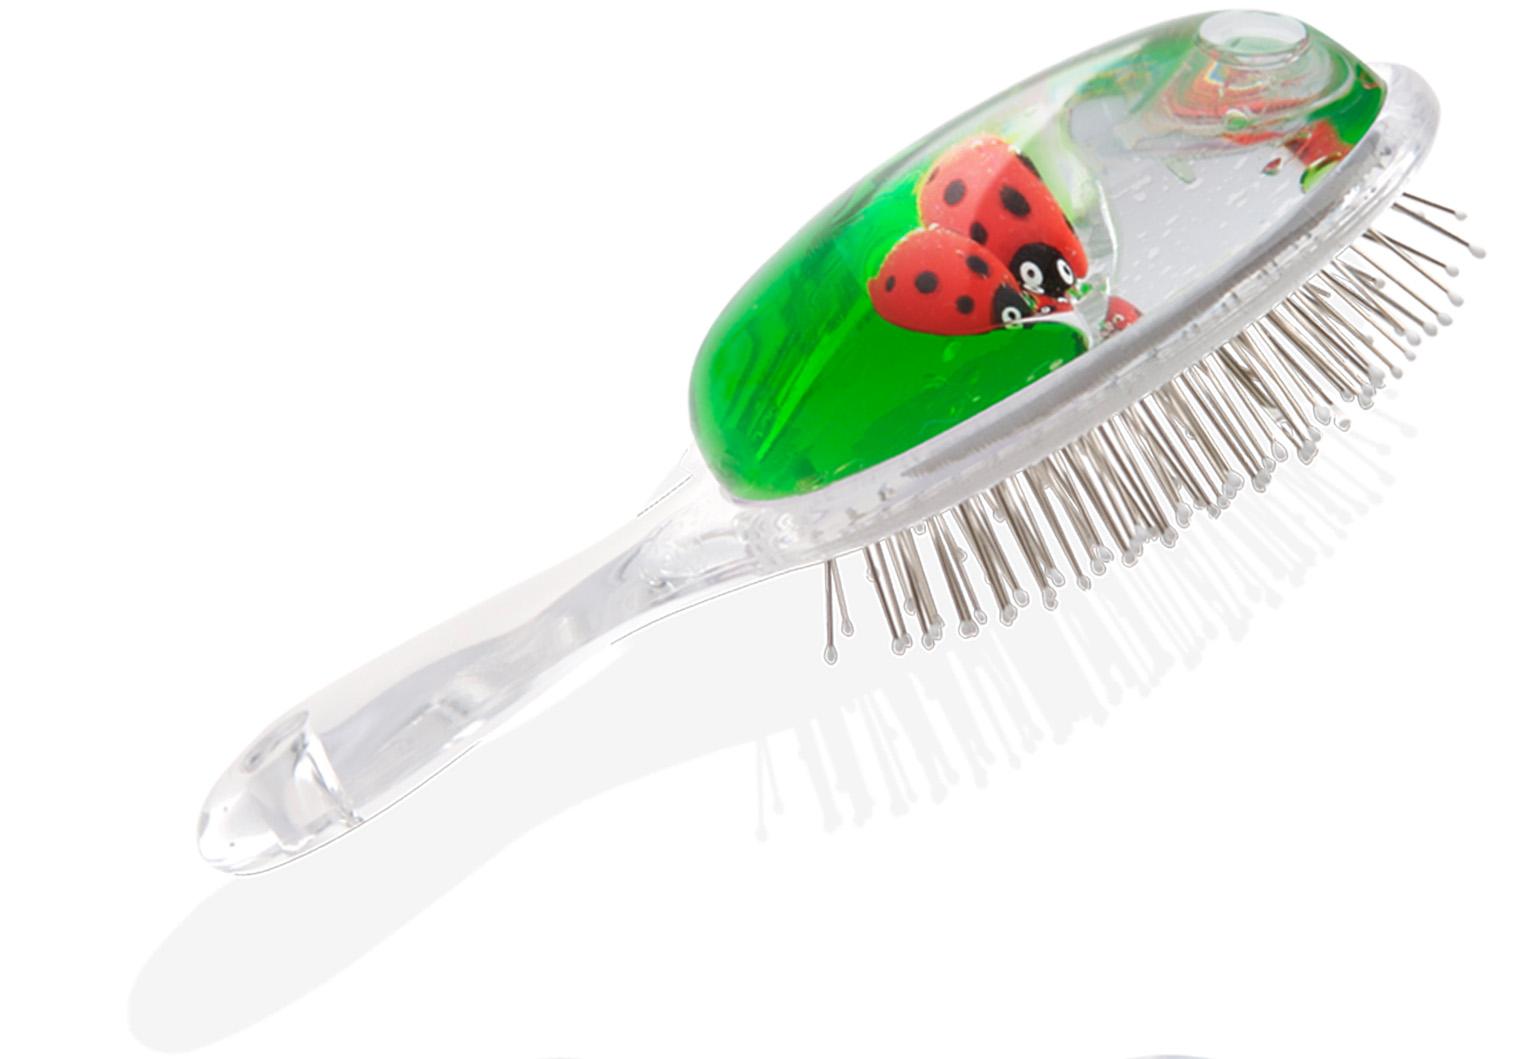 hairbrush - photo #17